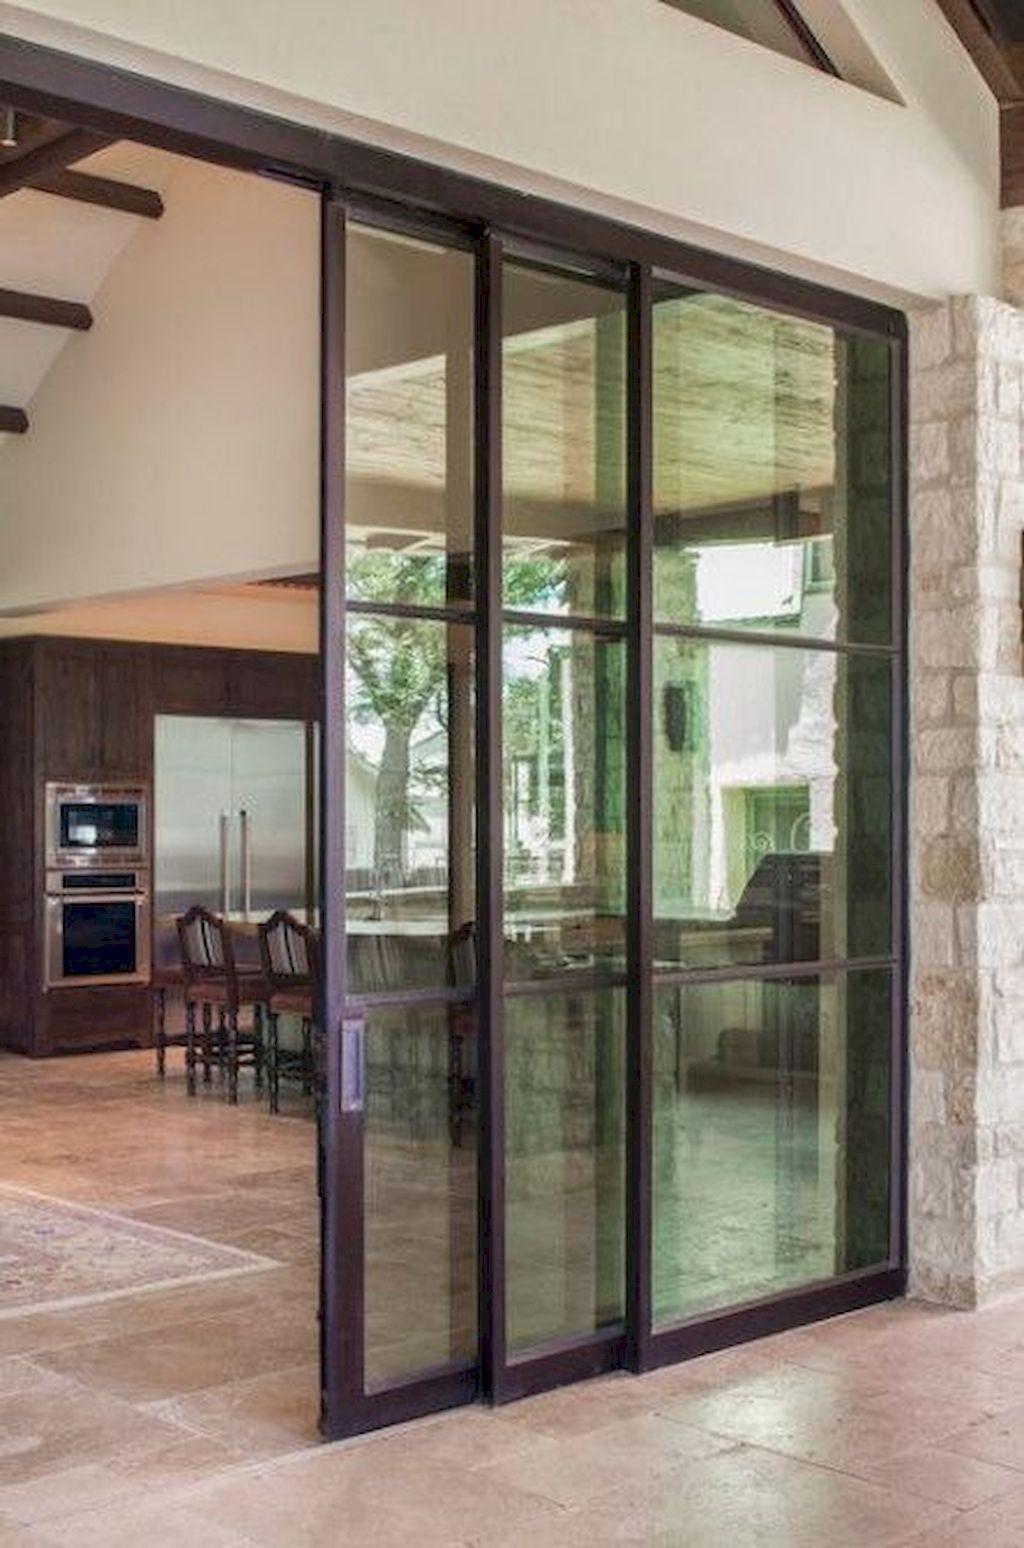 Sliding Doors Idea For Patio Areas Jihanshanum In 2020 Glass Doors Patio Sliding Door Design Sliding Glass Doors Patio